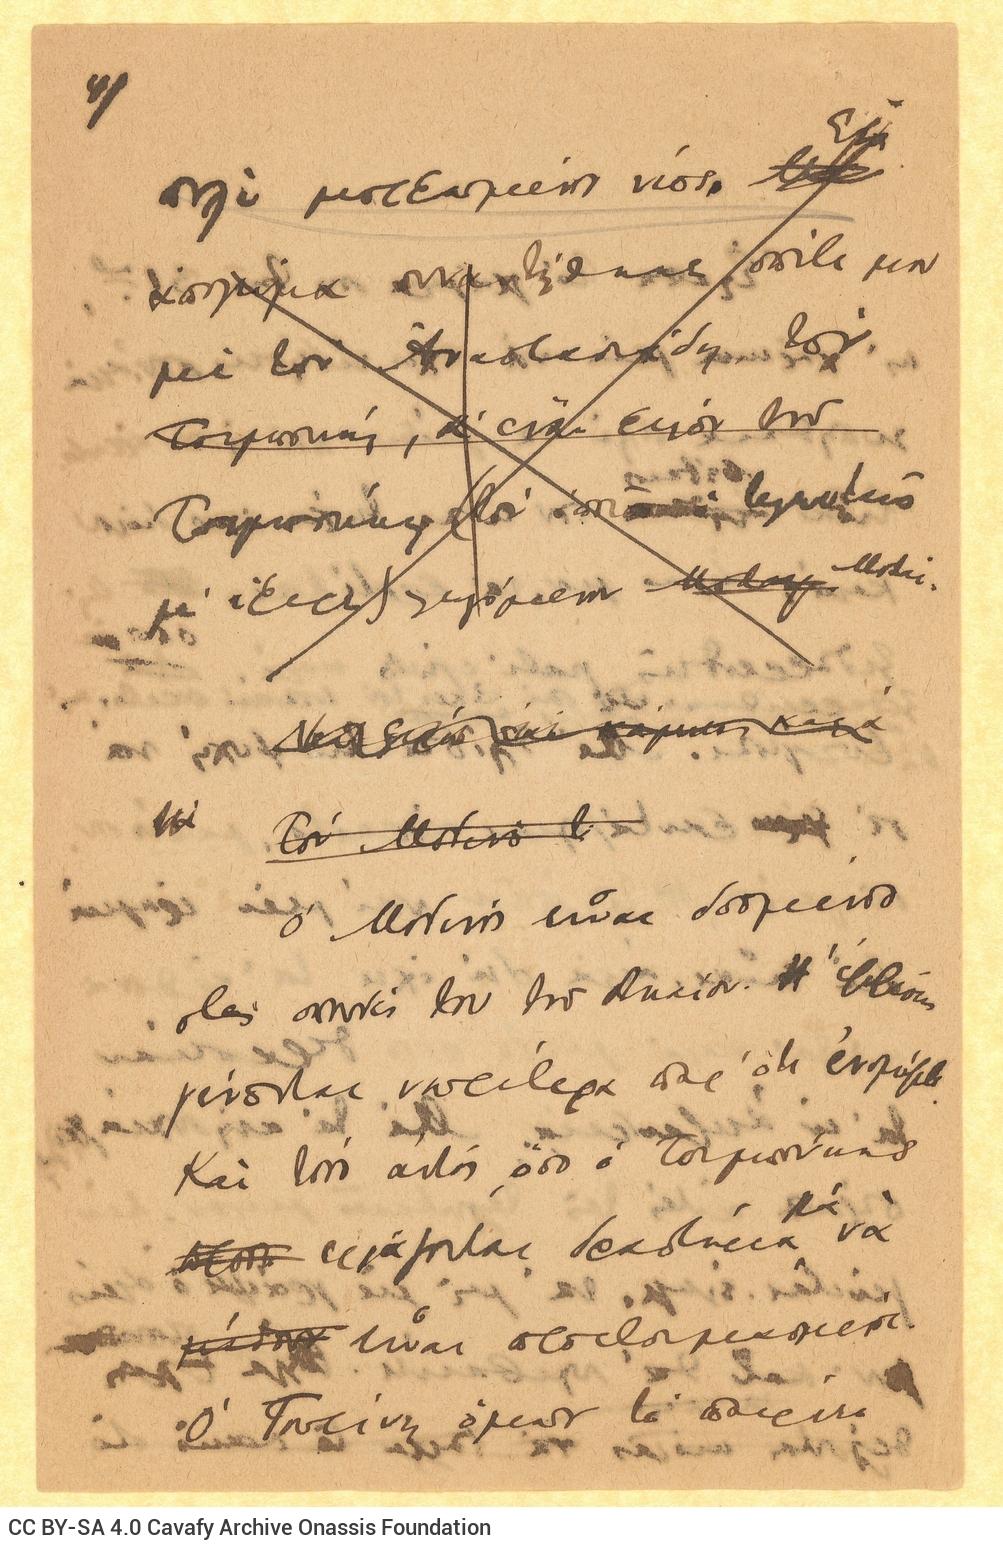 Σχέδιο επιστολής του Καβάφη προς τον Αλέκο [Σεγκόπουλο] σε τρία φύλλ�